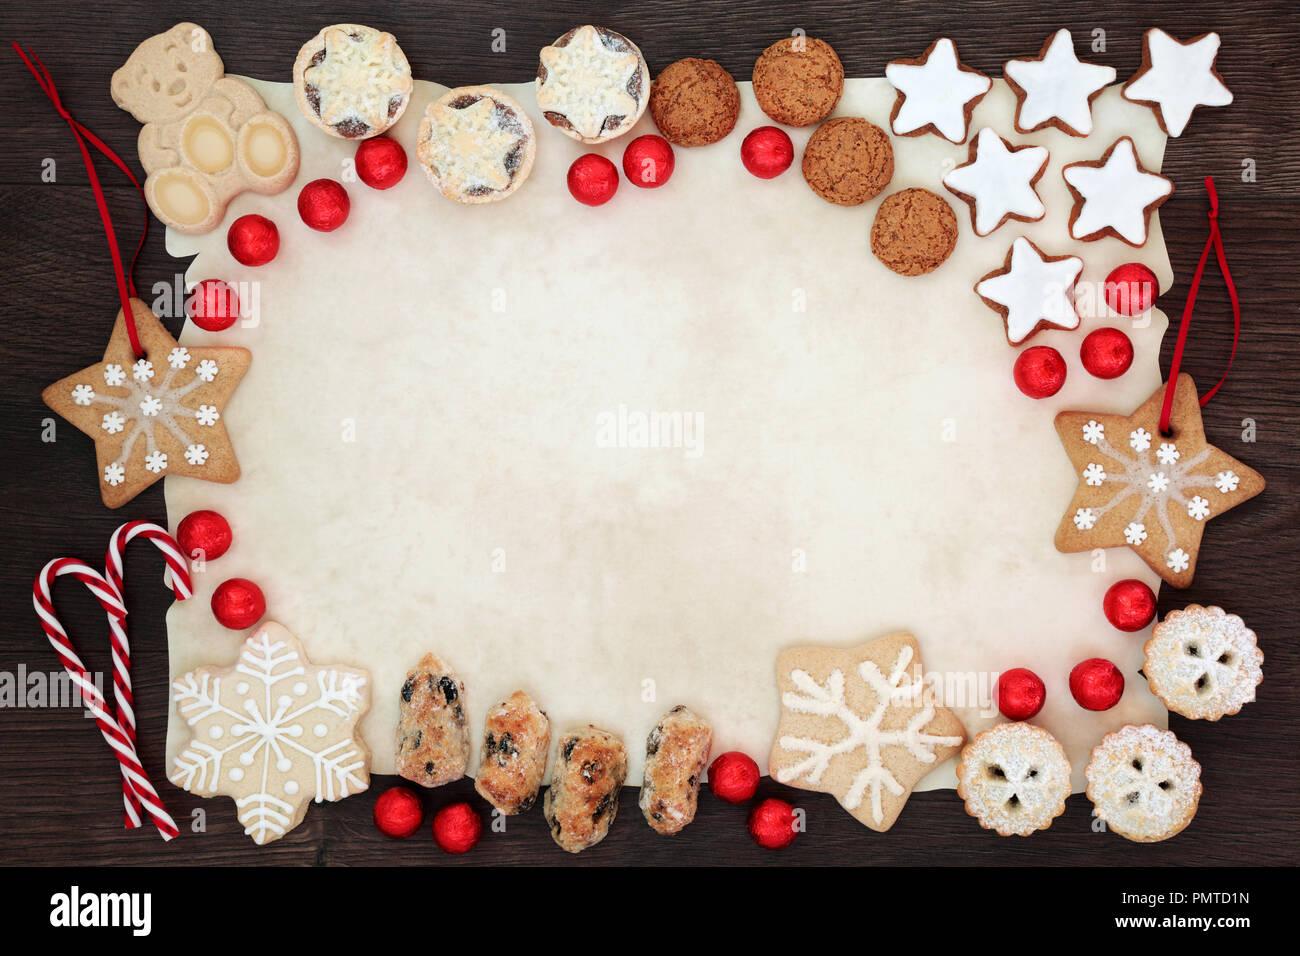 keks hintergrund grenze mit kostlichen hausgemachten keksen zuckerstangen kuchen und folie verpackt pralinen auf pergamentpapier auf eiche rustikal